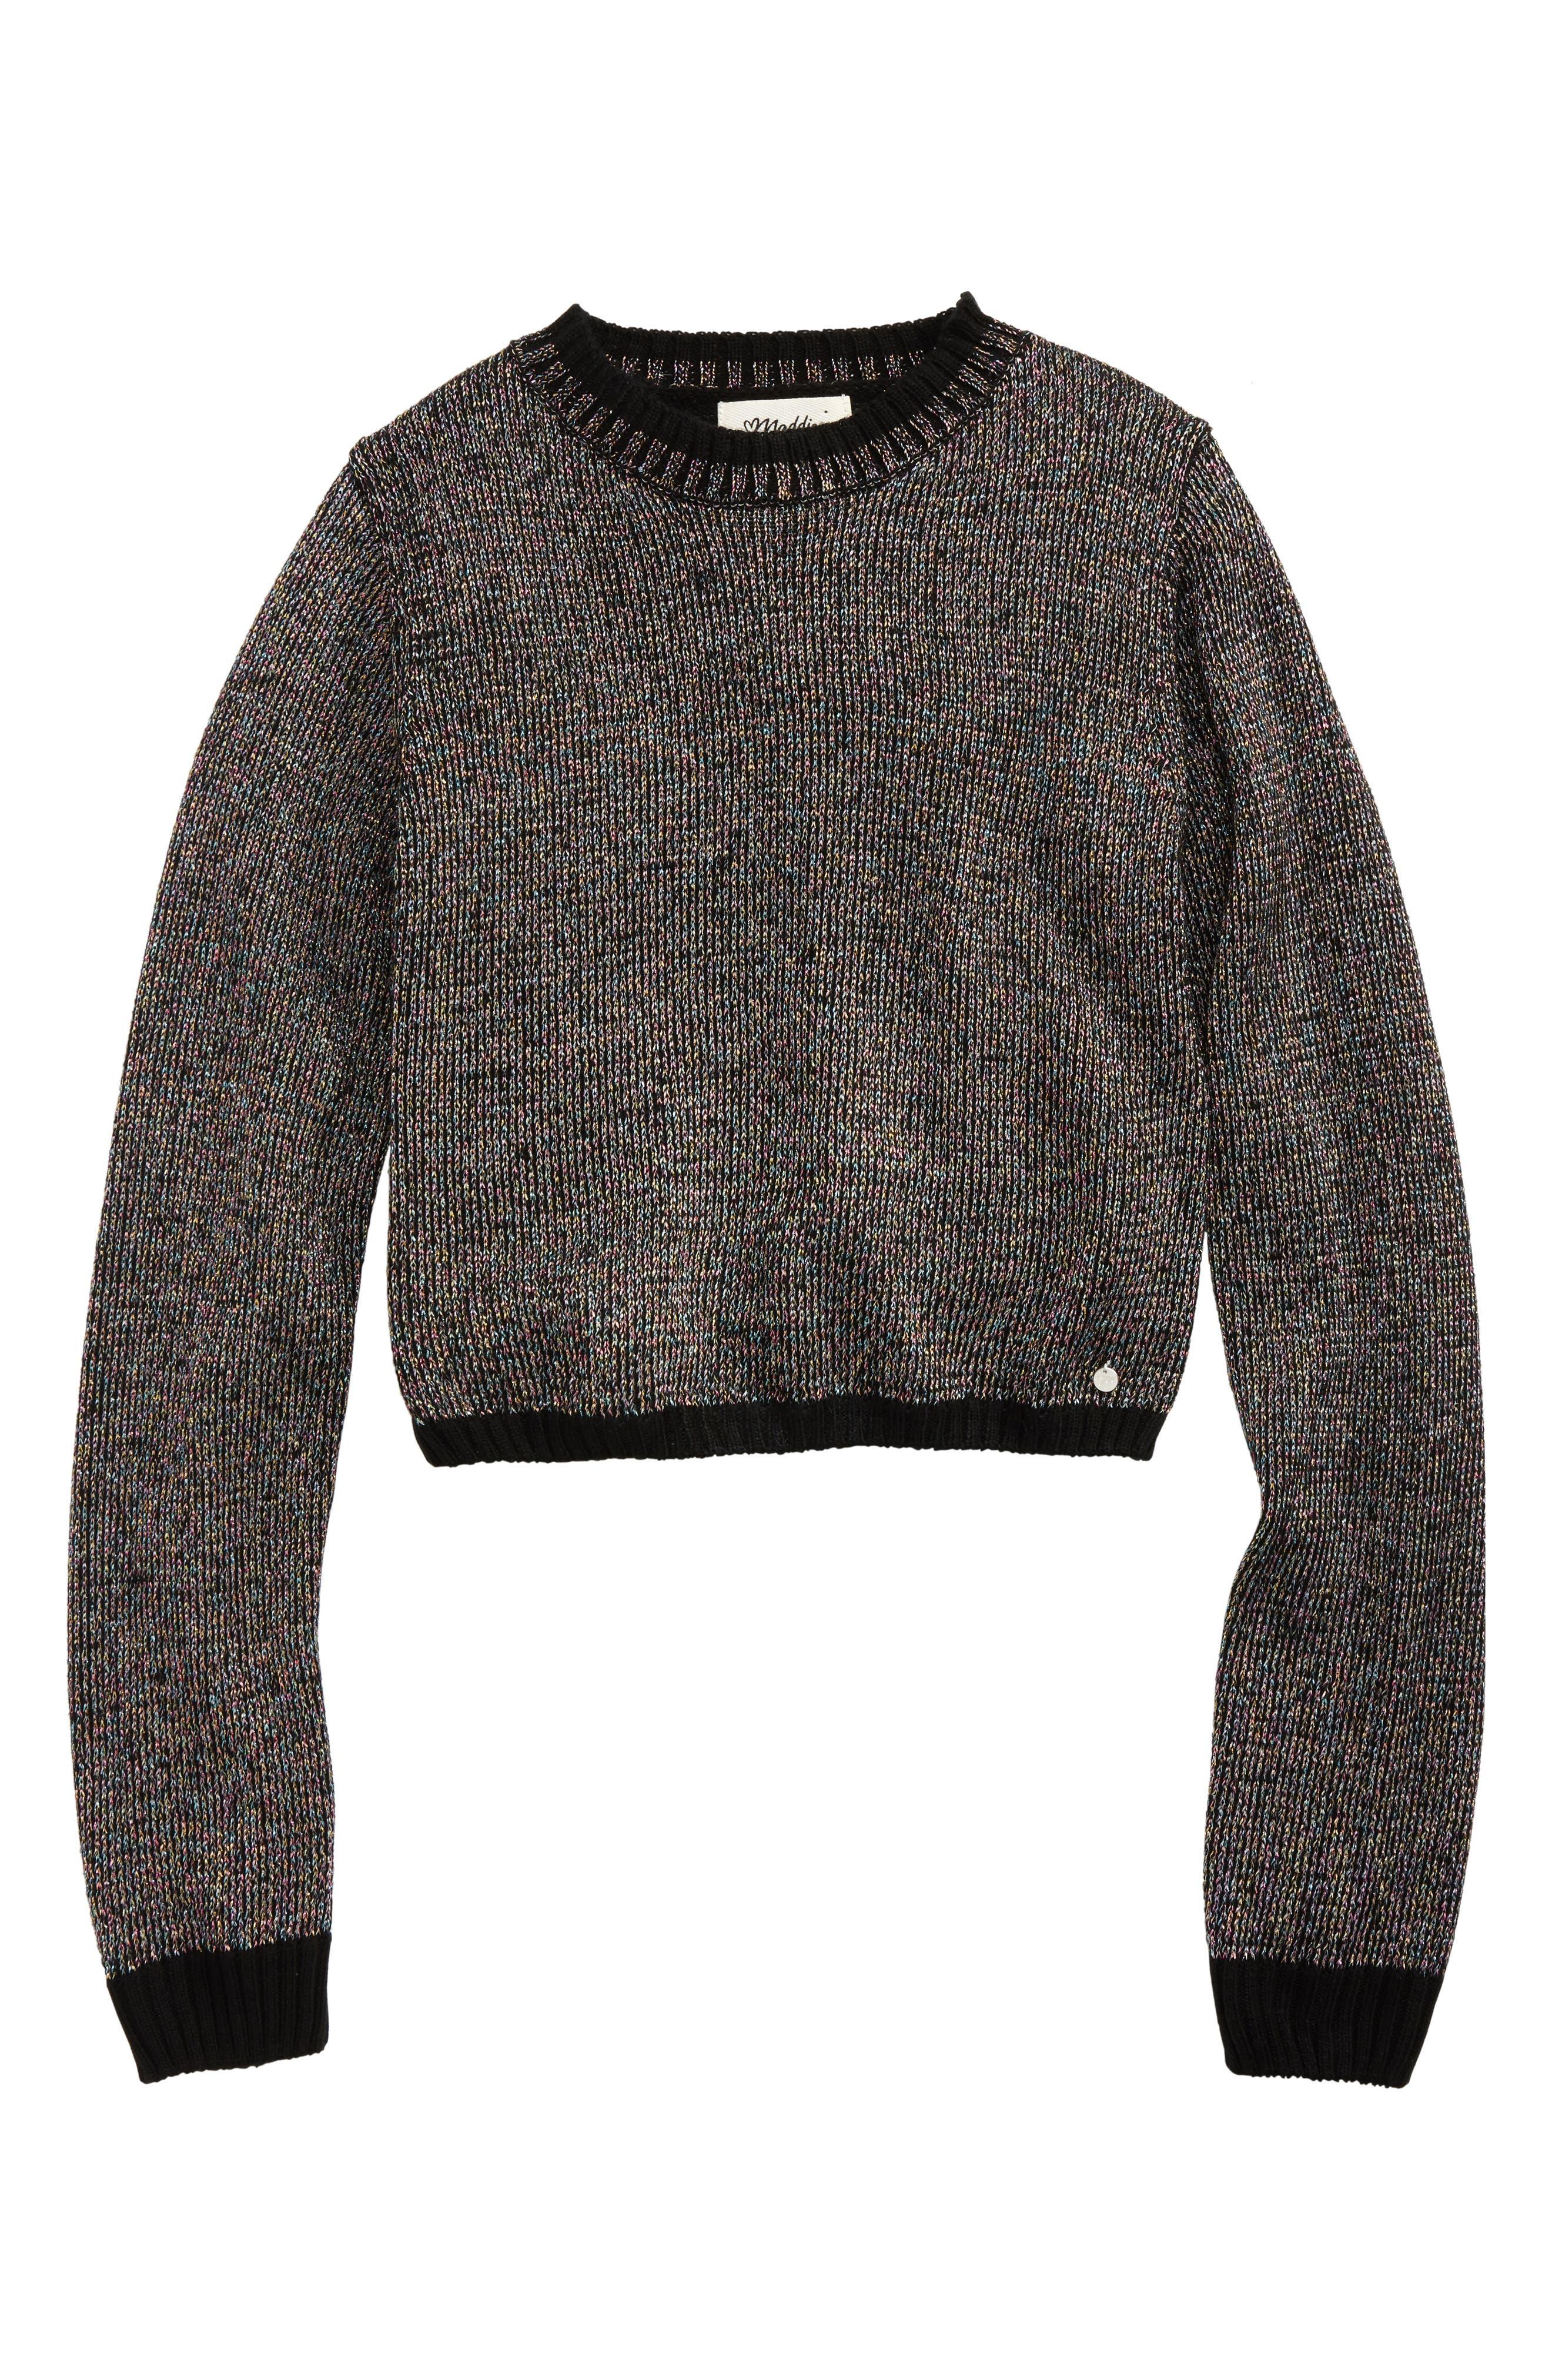 Alternate Image 1 Selected - Maddie Mock Neck Metallic Sweater (Big Girls)